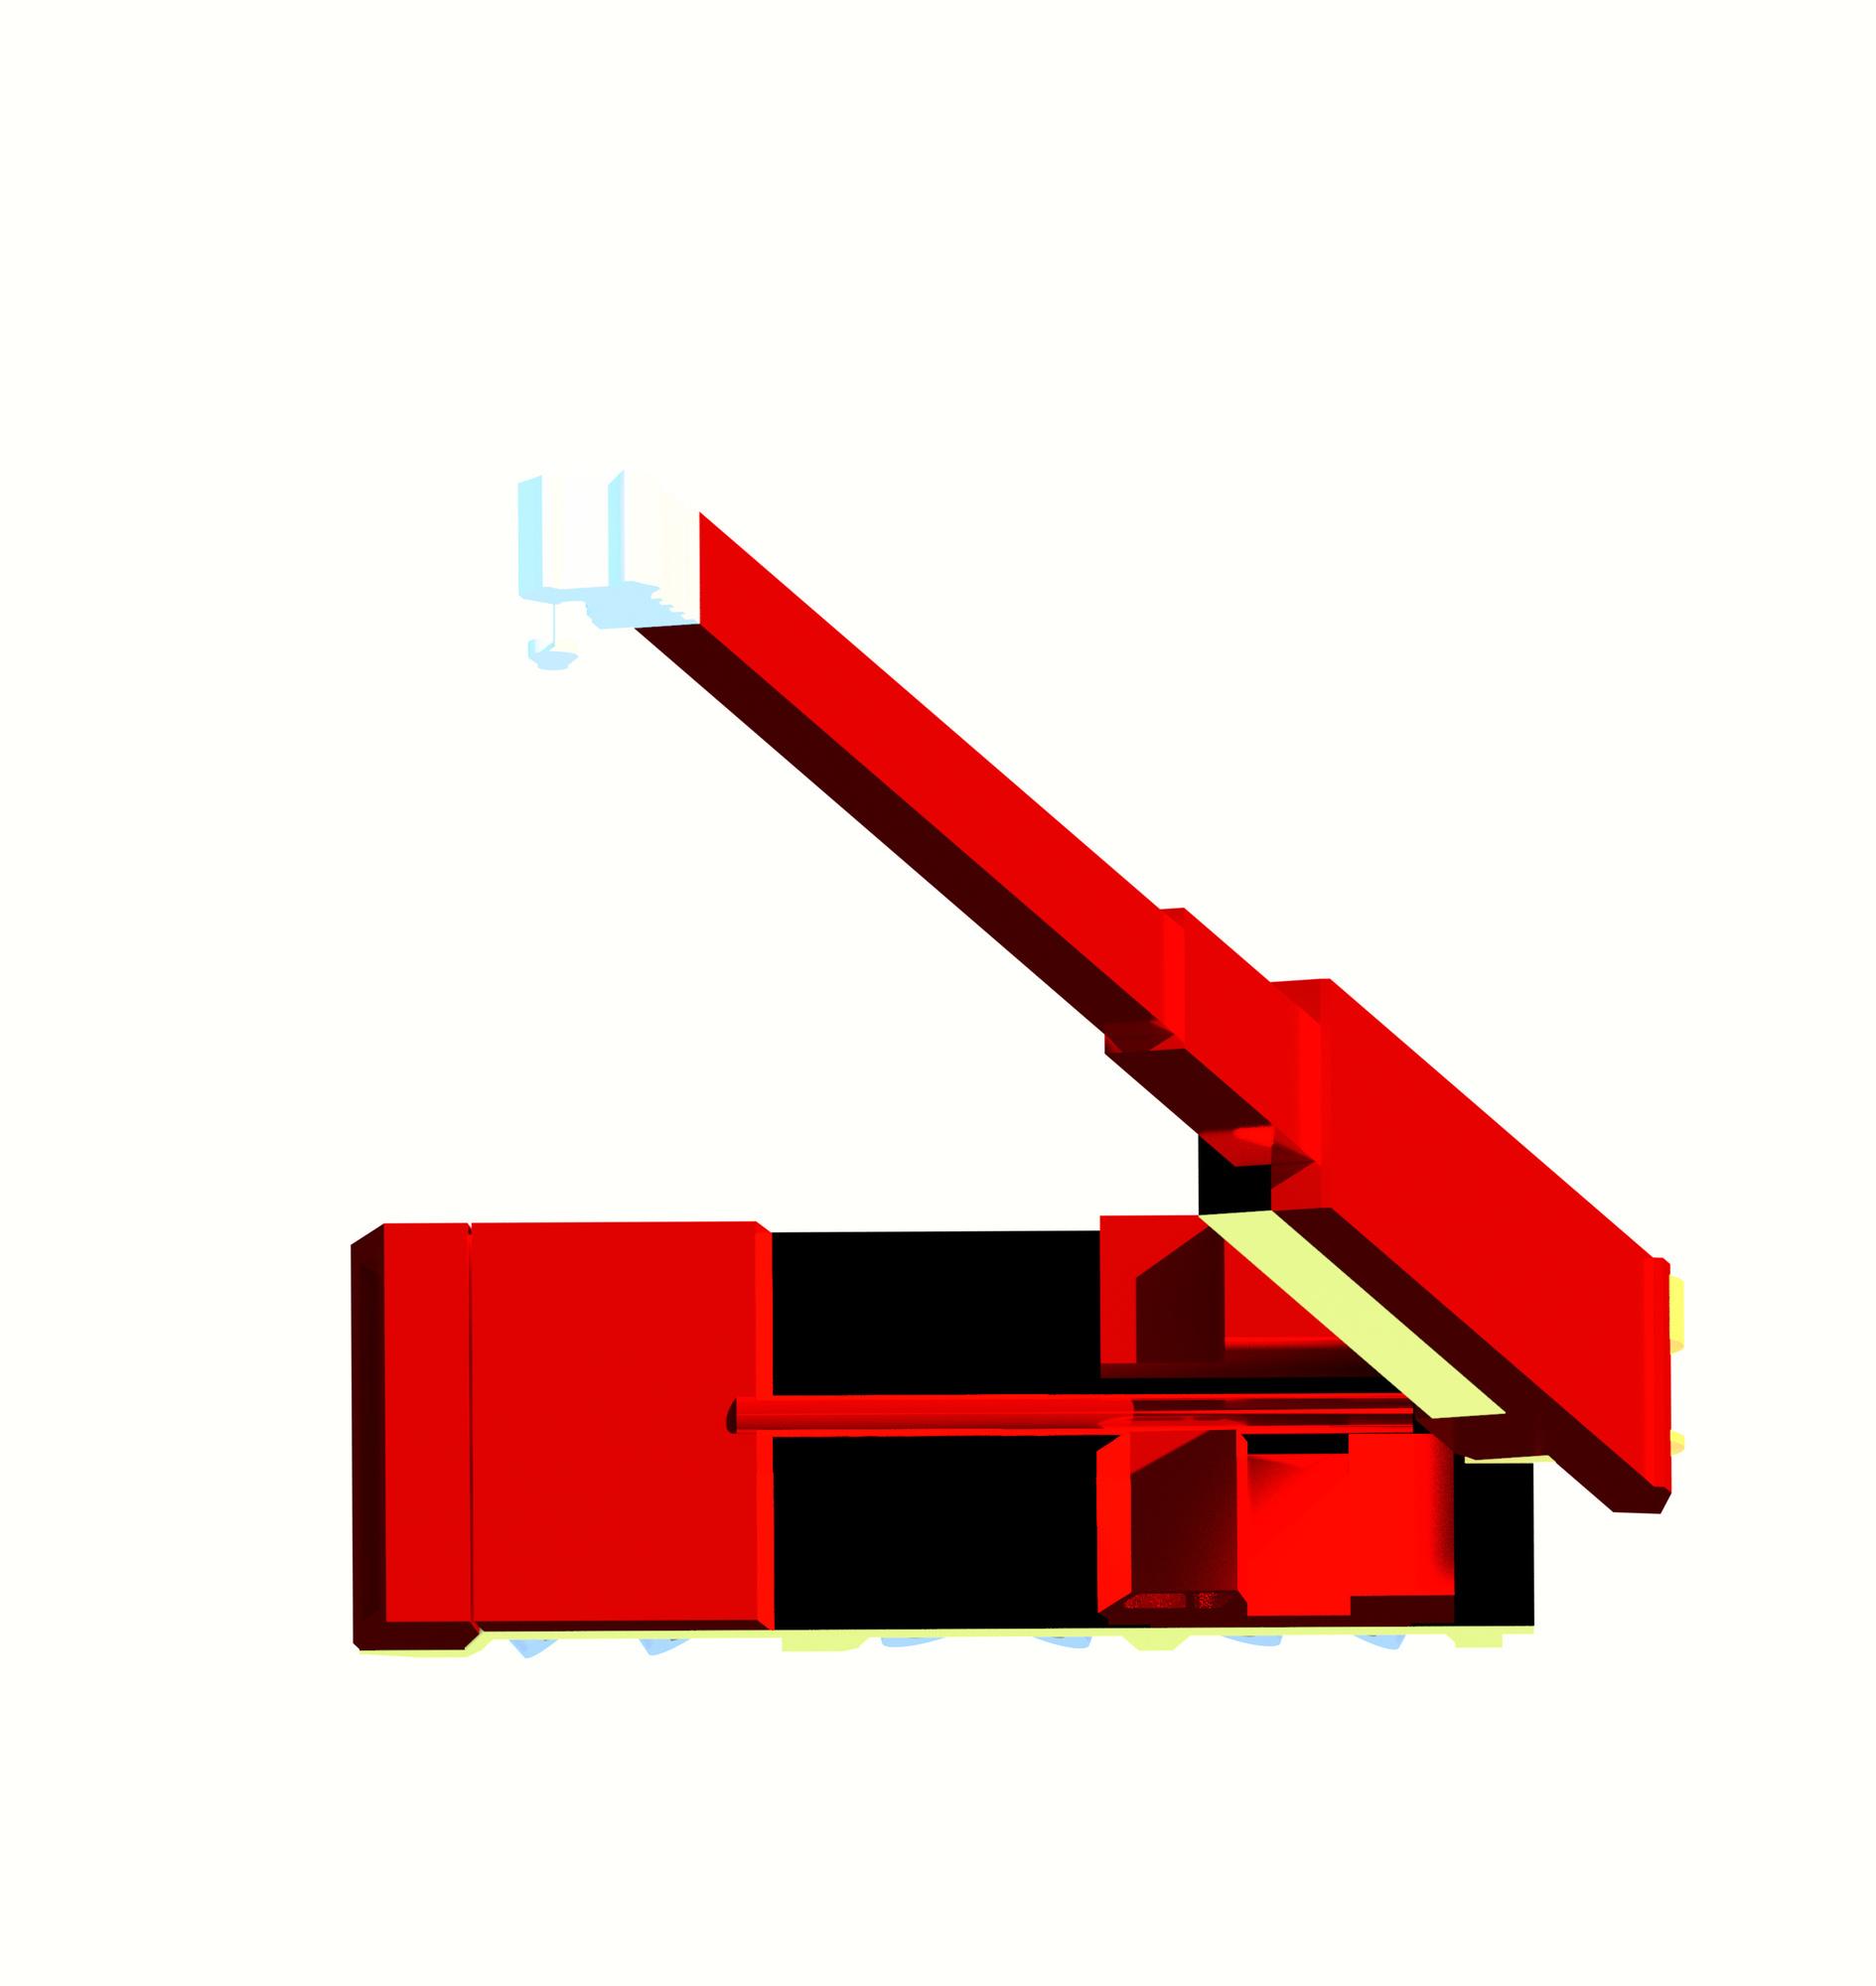 Raas-rendering20150131-11713-18hy9ir